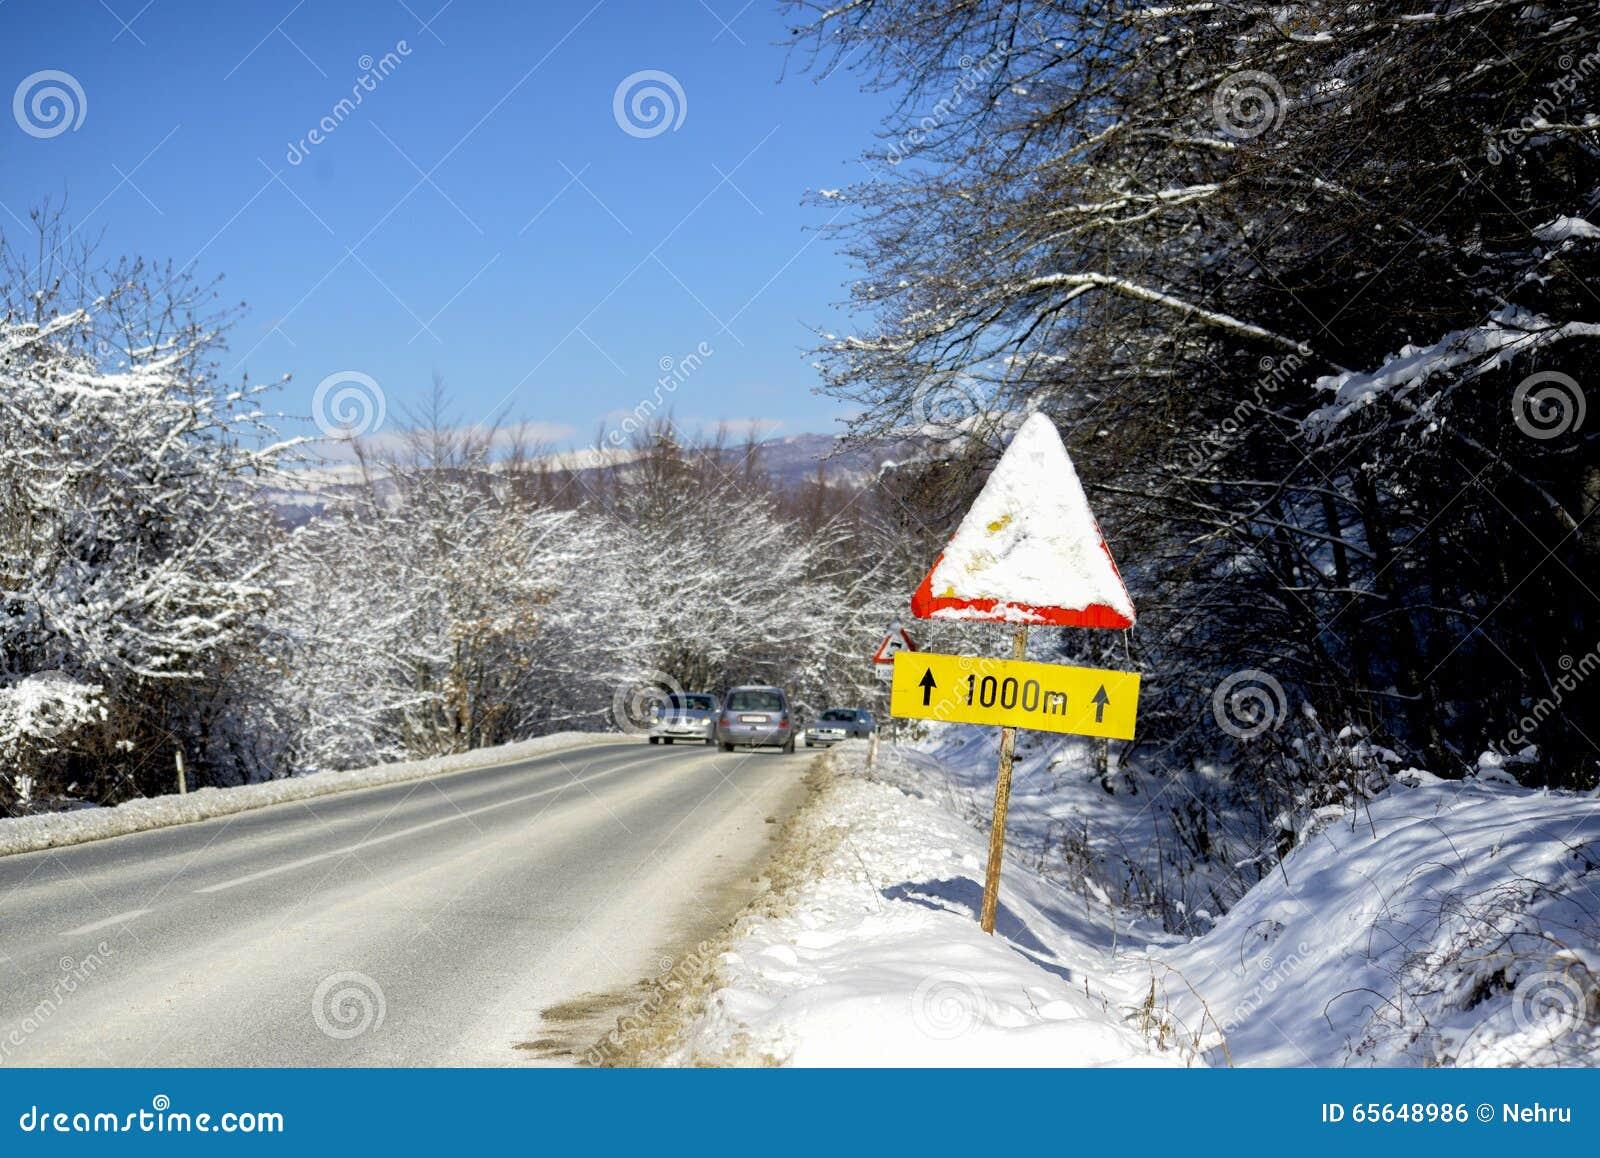 Poteau de signalisation couvert de neige congelée